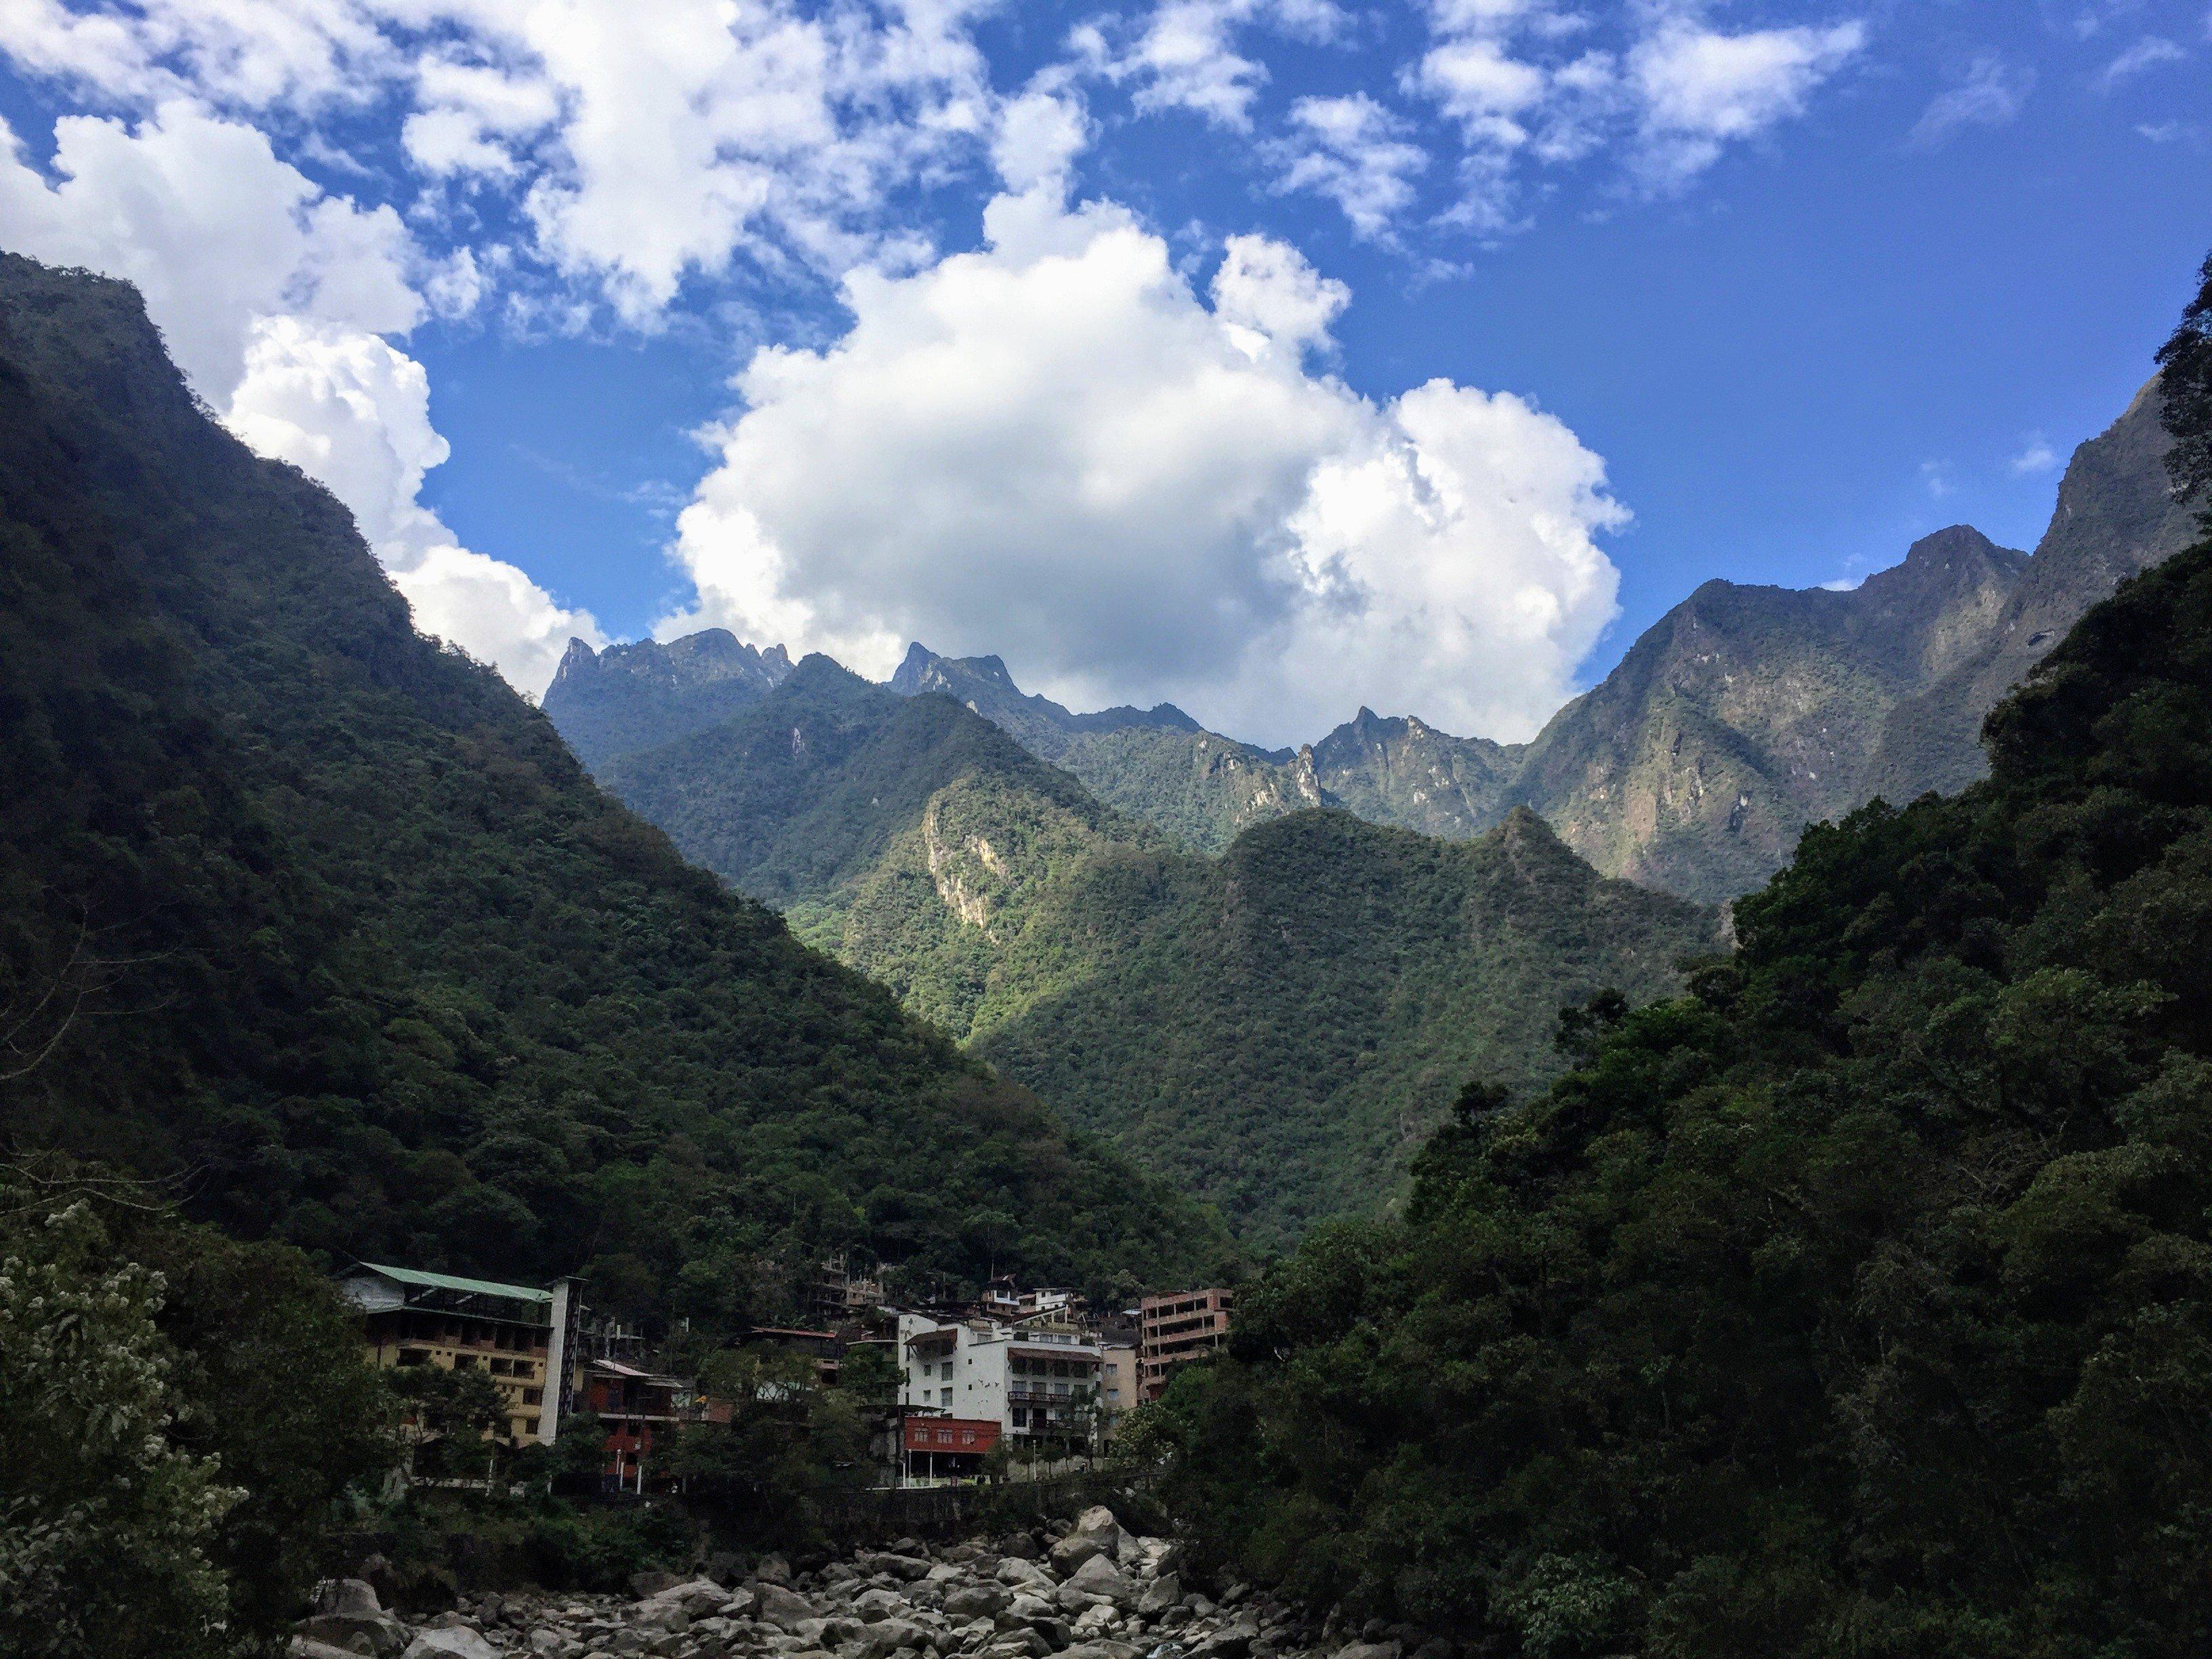 Entering Aquas Calientes on the Salkantay Trek to Machu Picchu